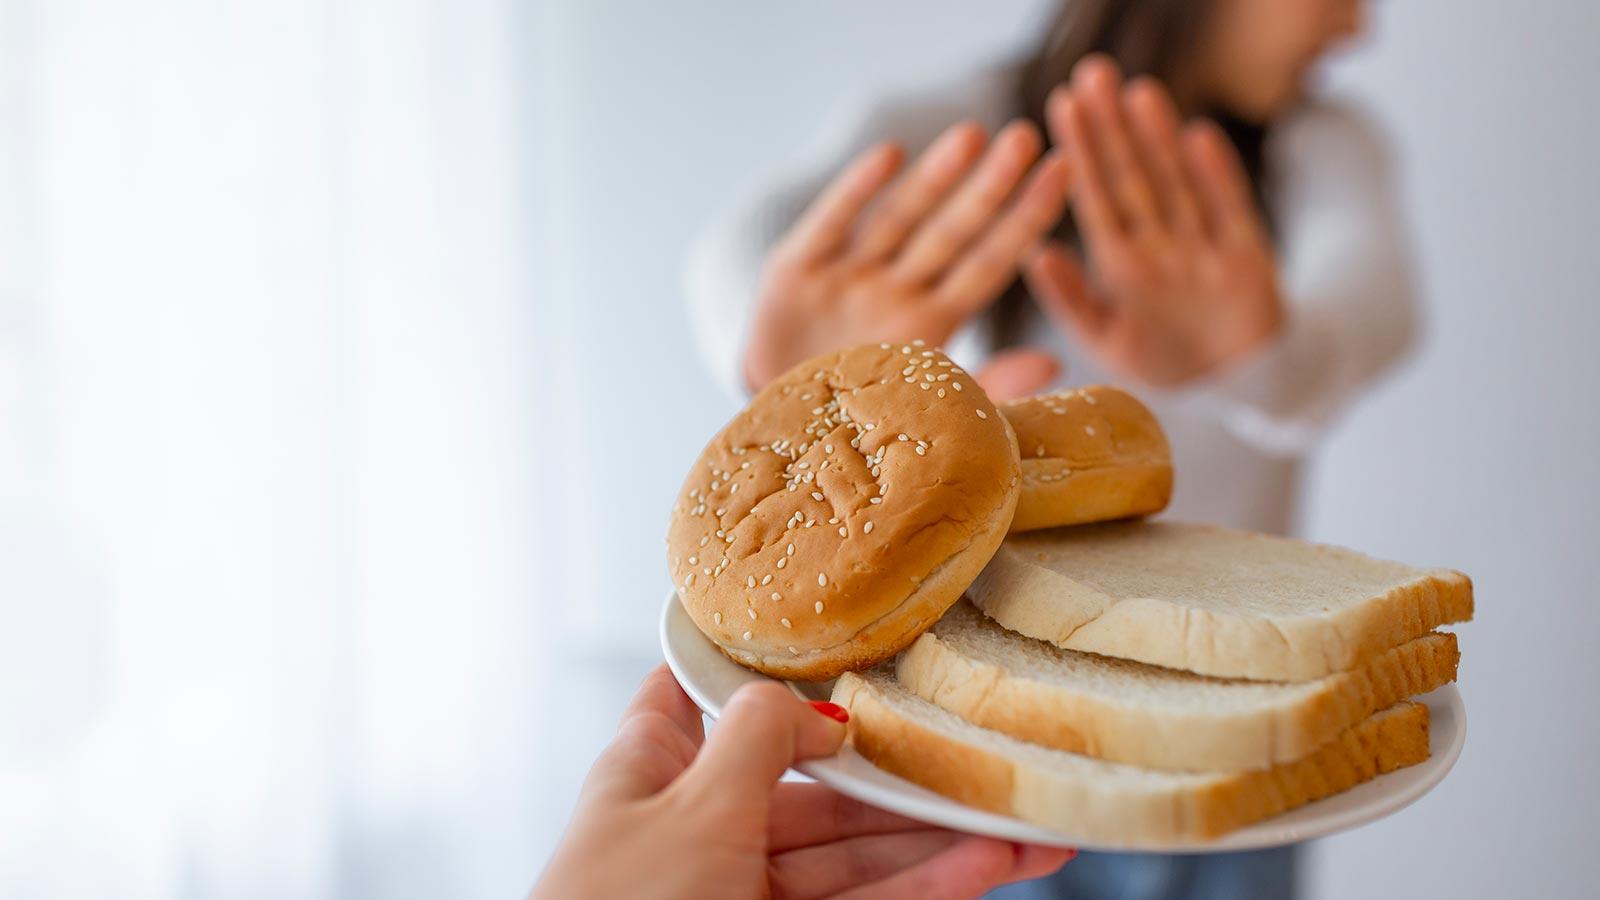 Mão segurando um prato com pães no primeiro plano e, no segundo plano, uma mulher desfocada recusa a comida por ter doença celíaca